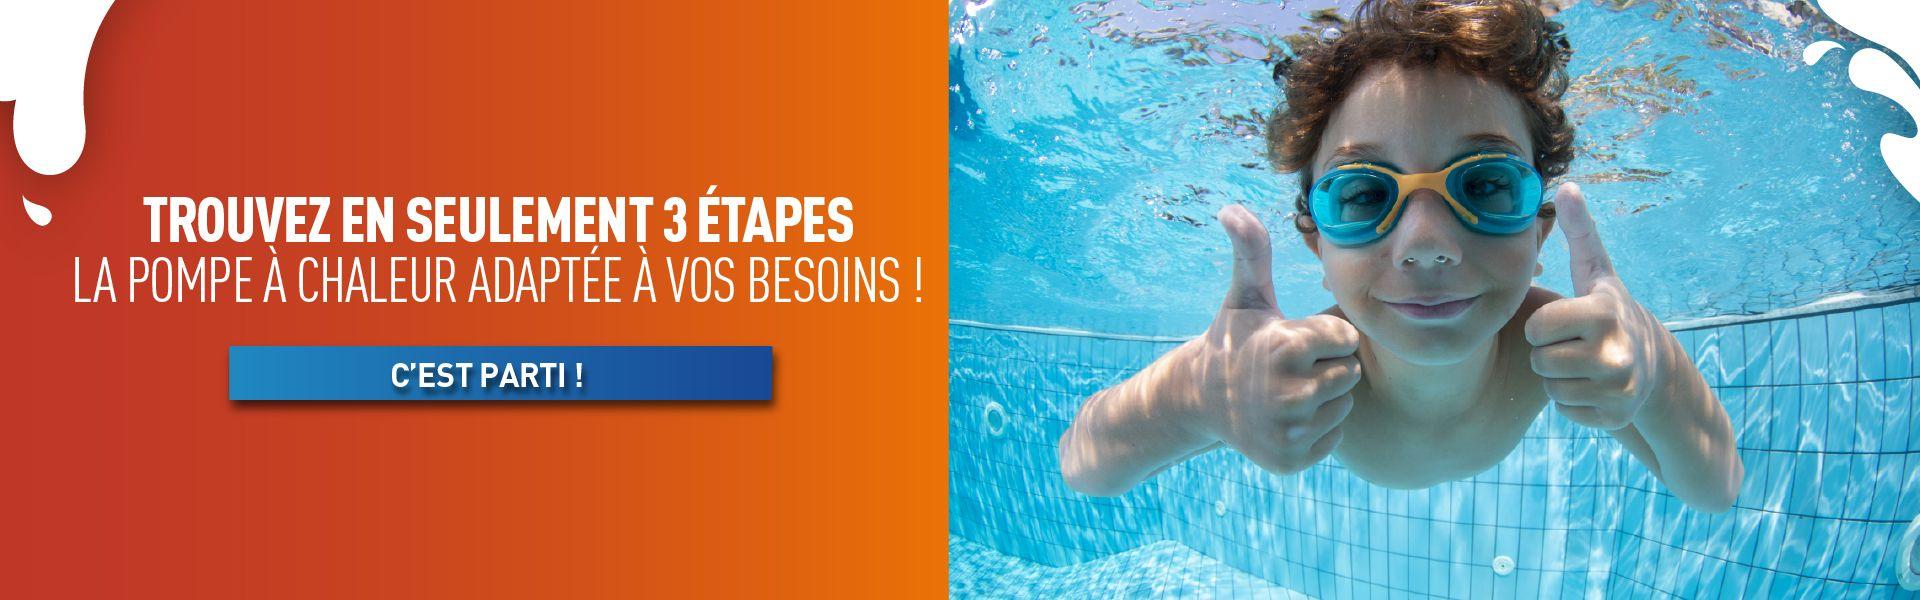 Cash Piscines - Tout Pour La Piscine & Spas Gonflables ... concernant Cash Piscine Montauban